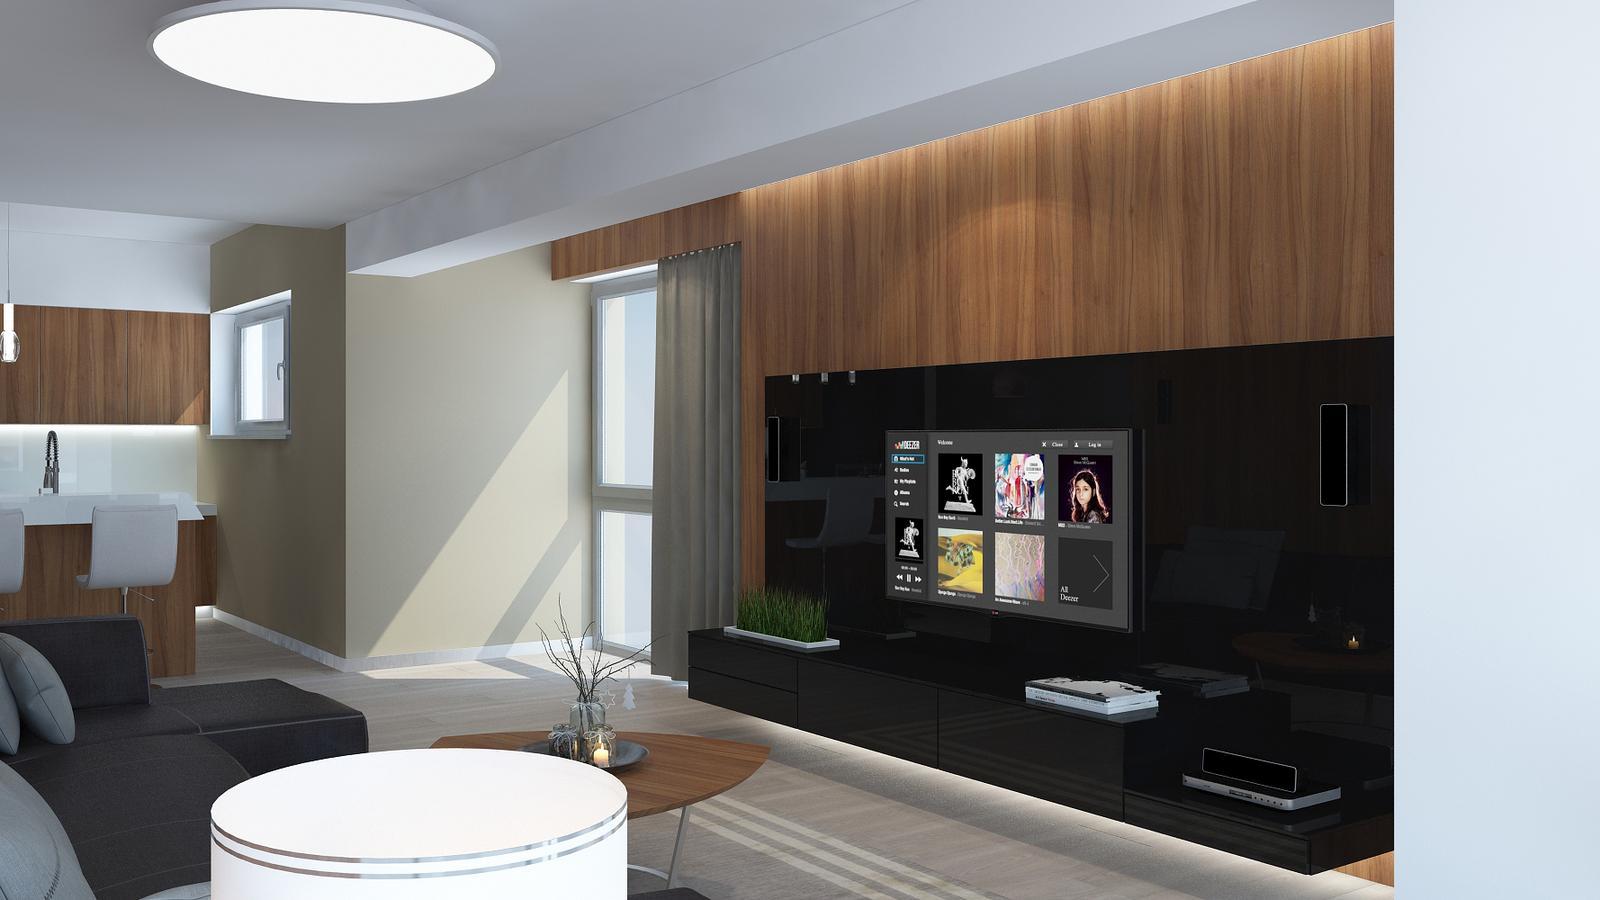 Návrh interiéru bytu - Kondominium Bojnice - Obrázok č. 5